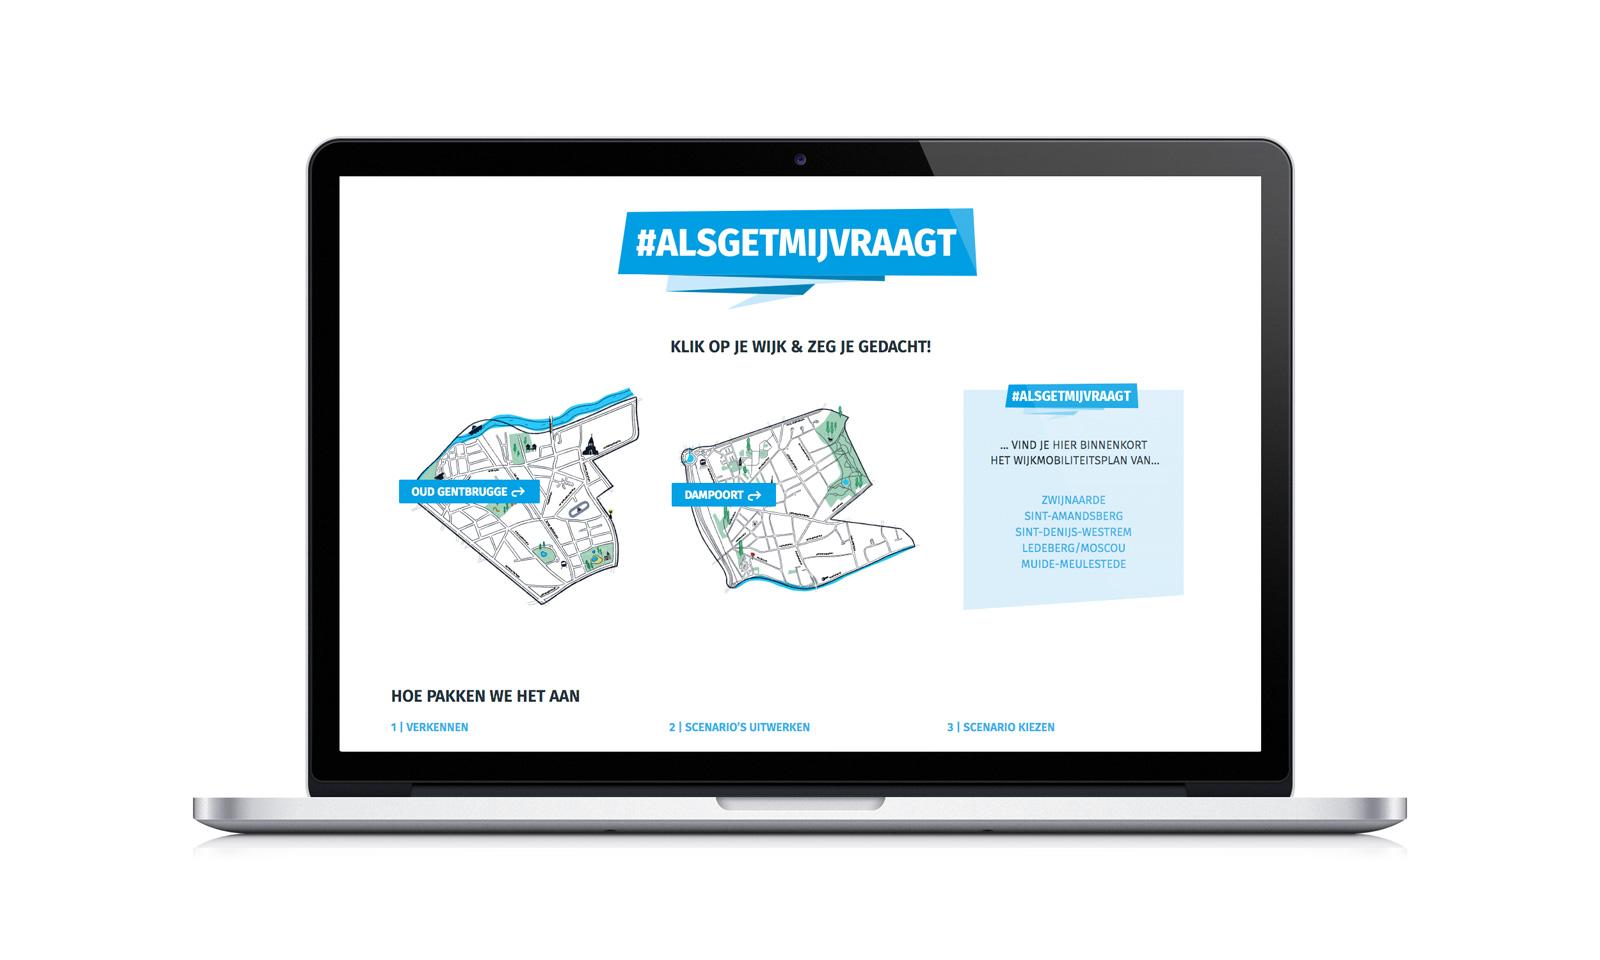 online platform als onderdeel van de participatiecampagne #alsgetmijvraagt van Stad Gent